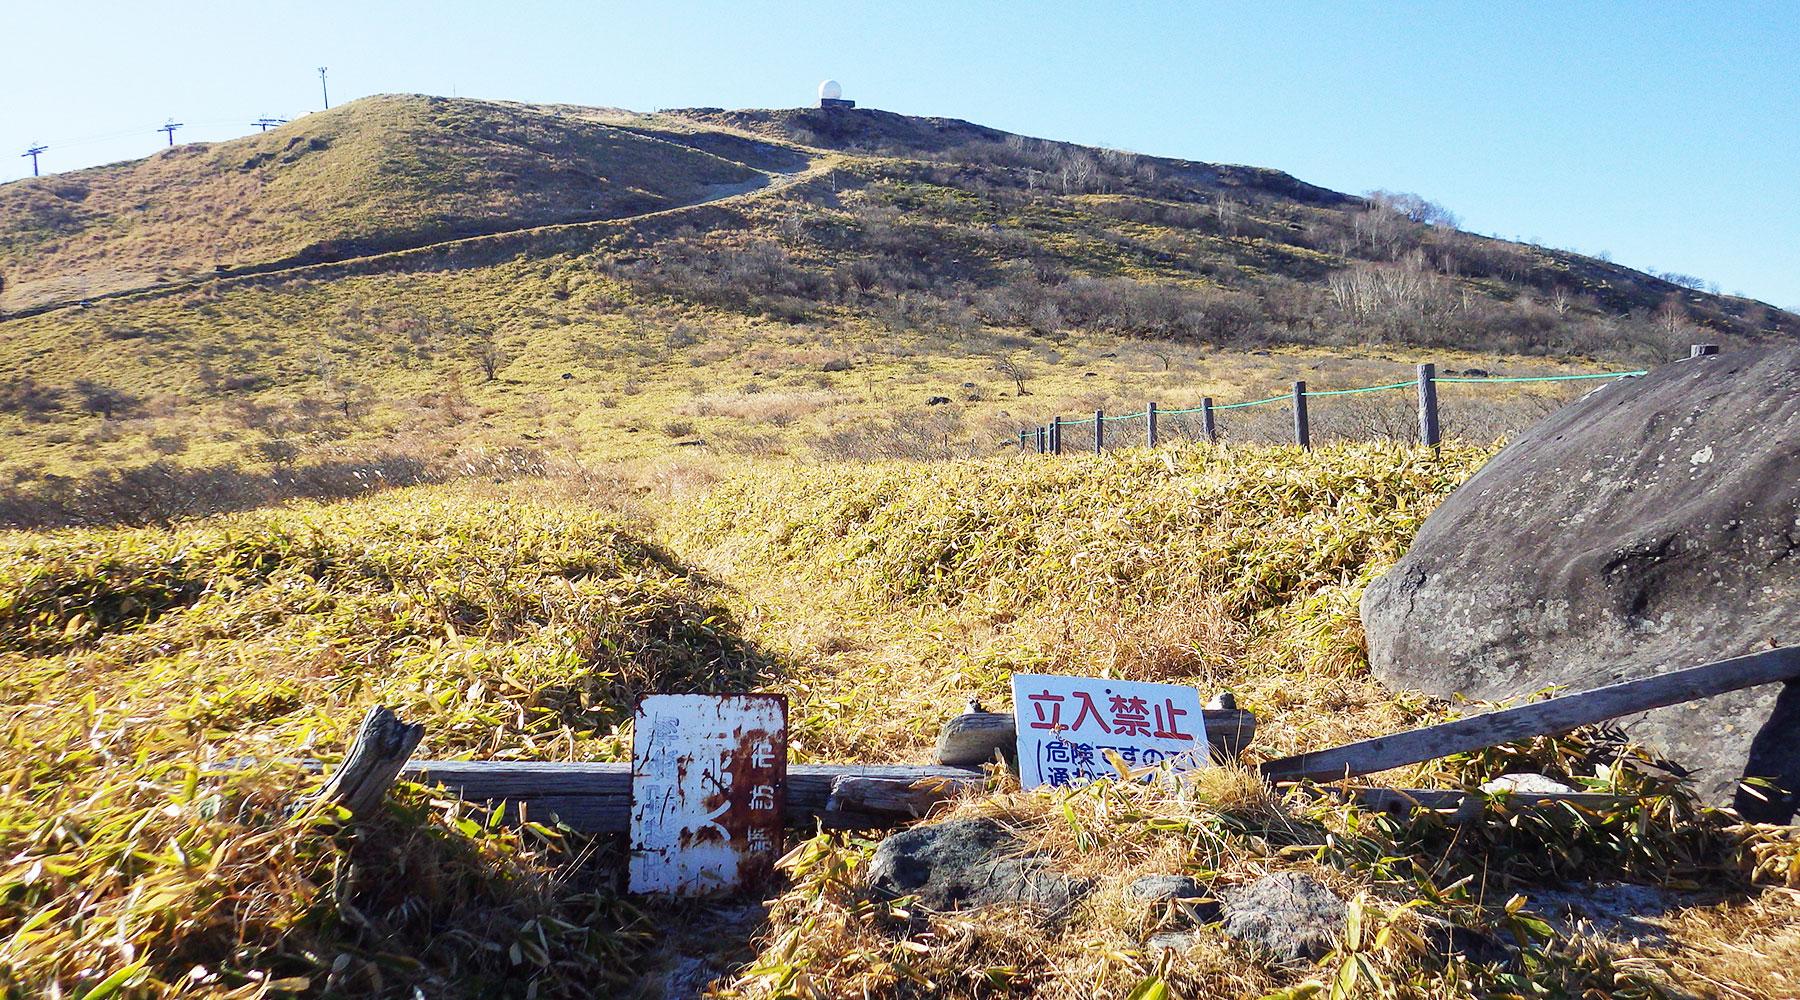 車山気象レーダーからまっすぐ下る道は何故か立入禁止